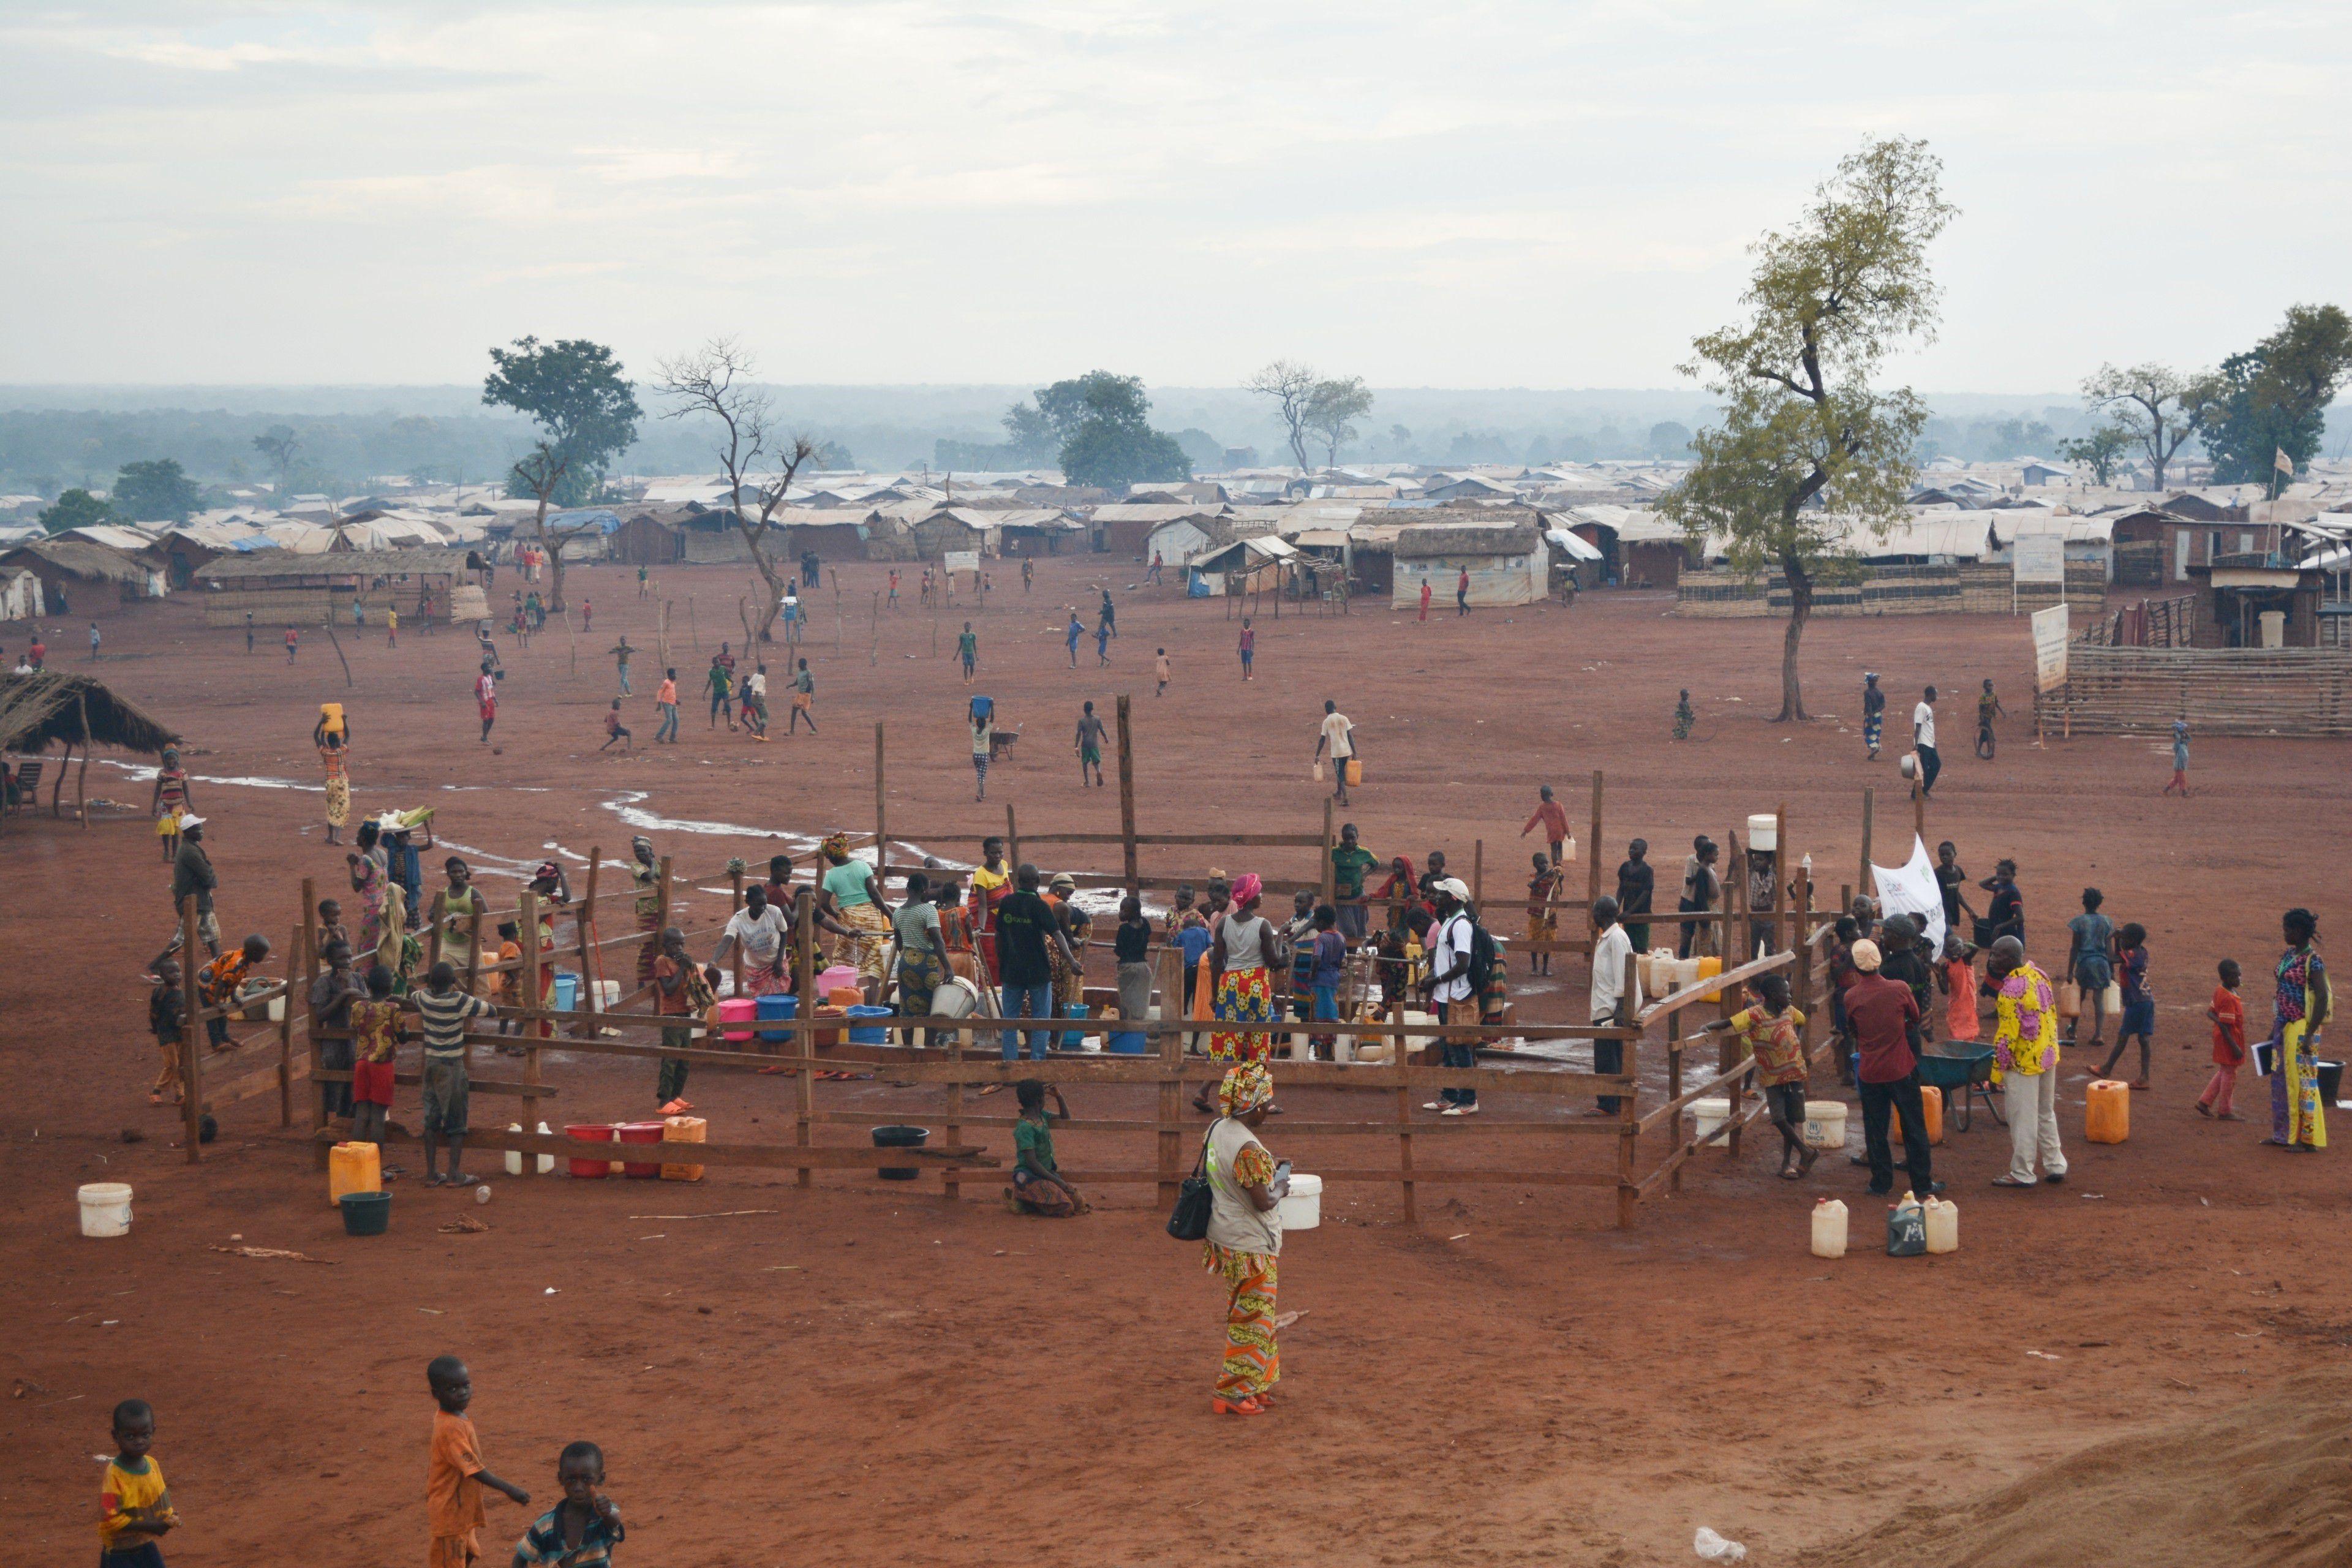 20/10/2020 Campo de personas desplazadas en Bria, República Centroafricana POLITICA AFRICA INTERNACIONAL REPÚBLICA CENTROAFRICANA OXFAM/AURÉLIE GODET